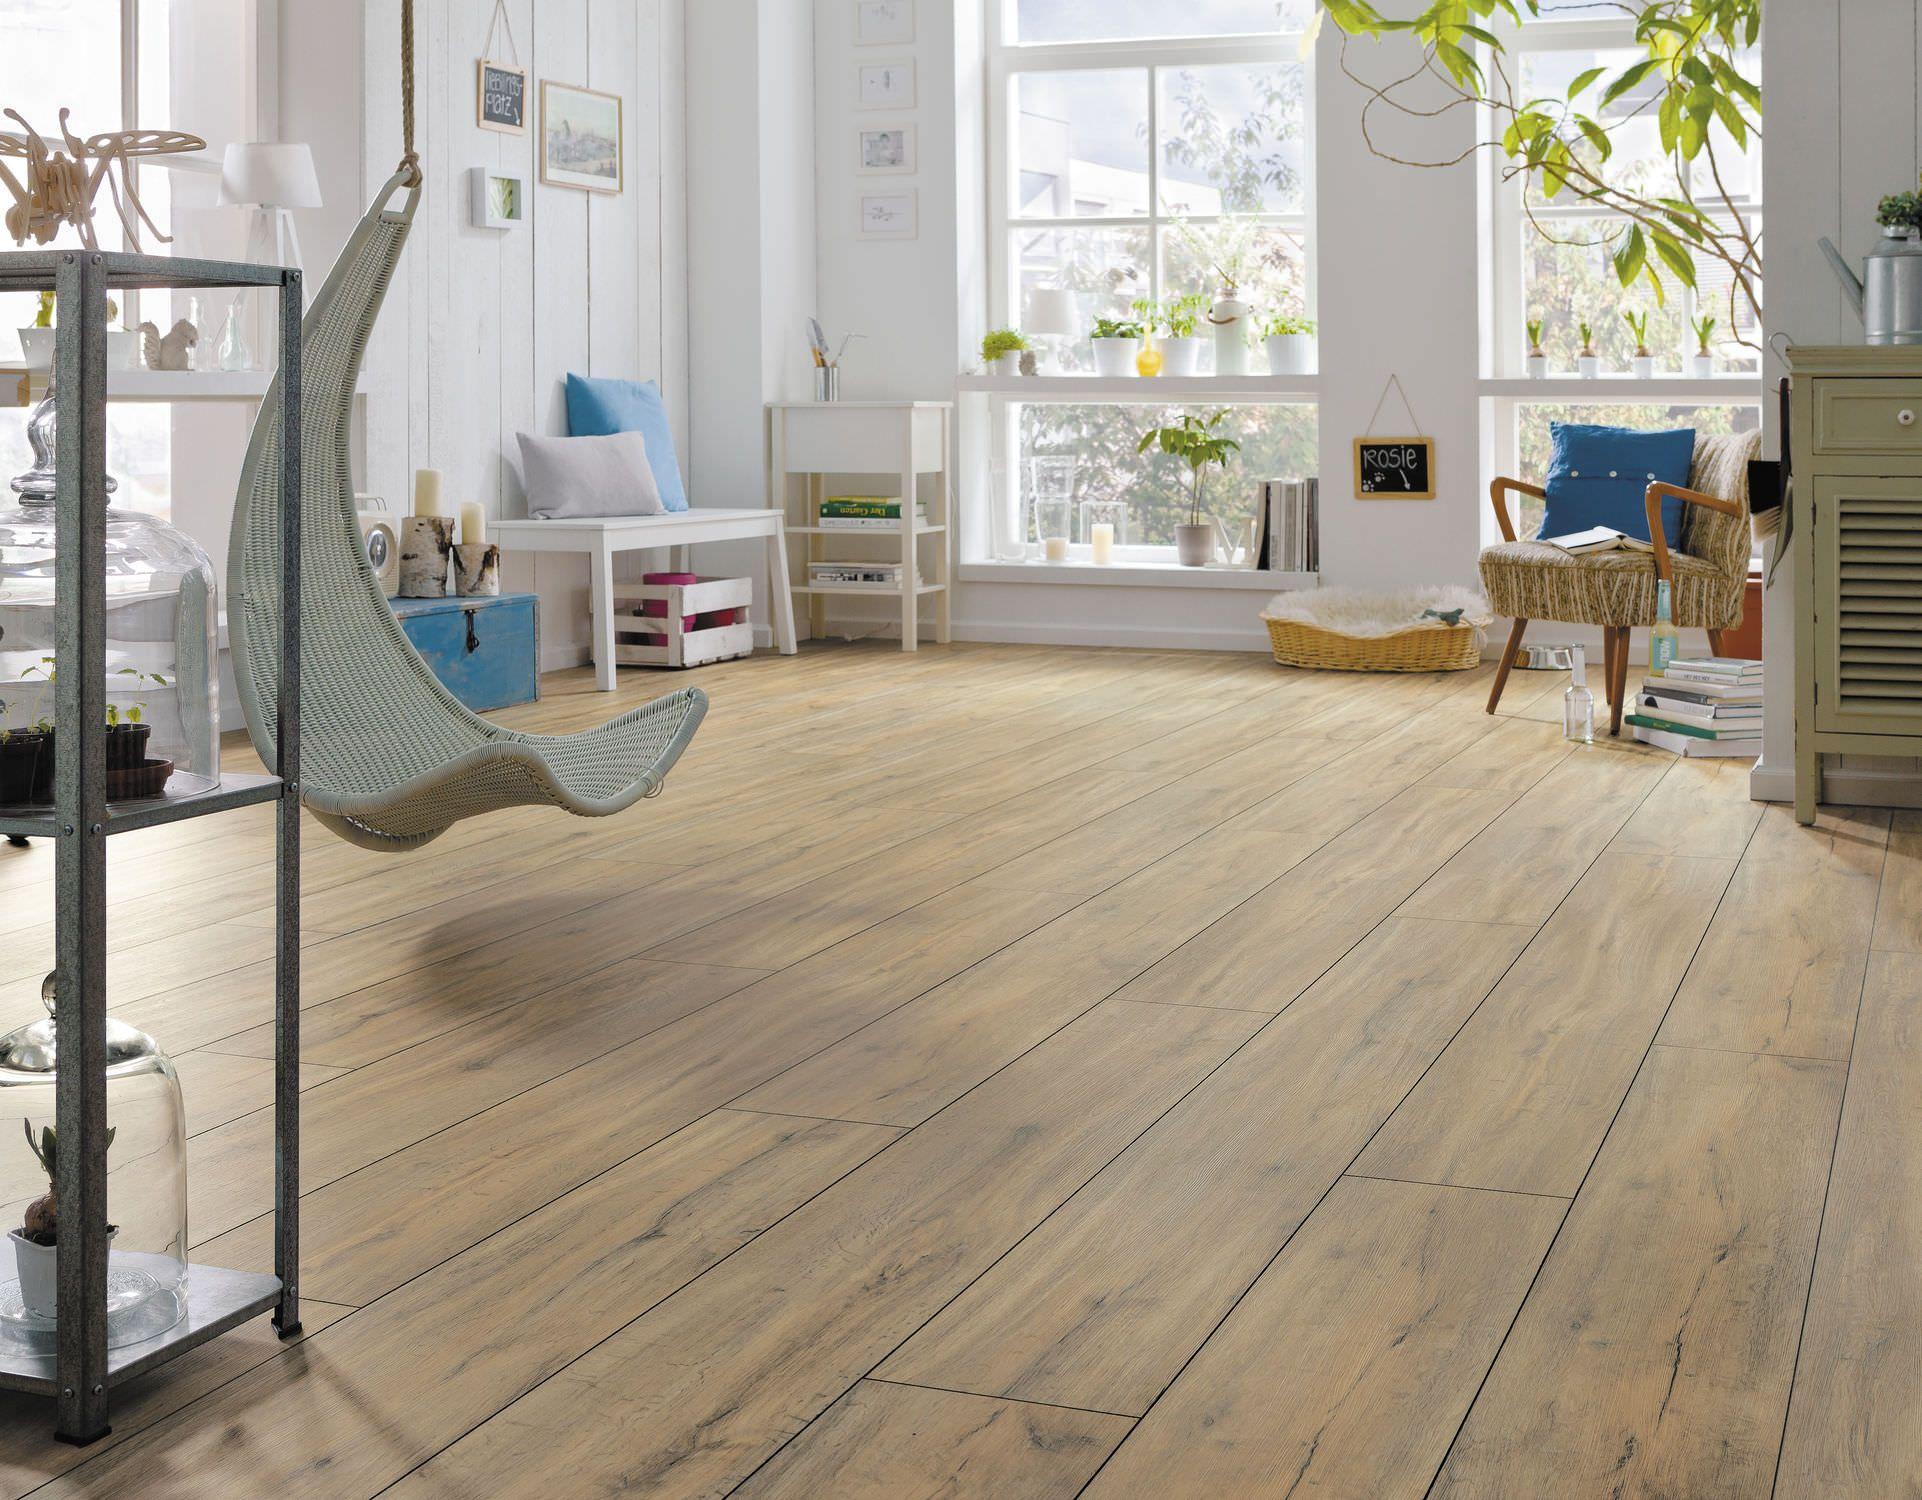 sch n vinyl bodenbelag hersteller deutsche deko. Black Bedroom Furniture Sets. Home Design Ideas